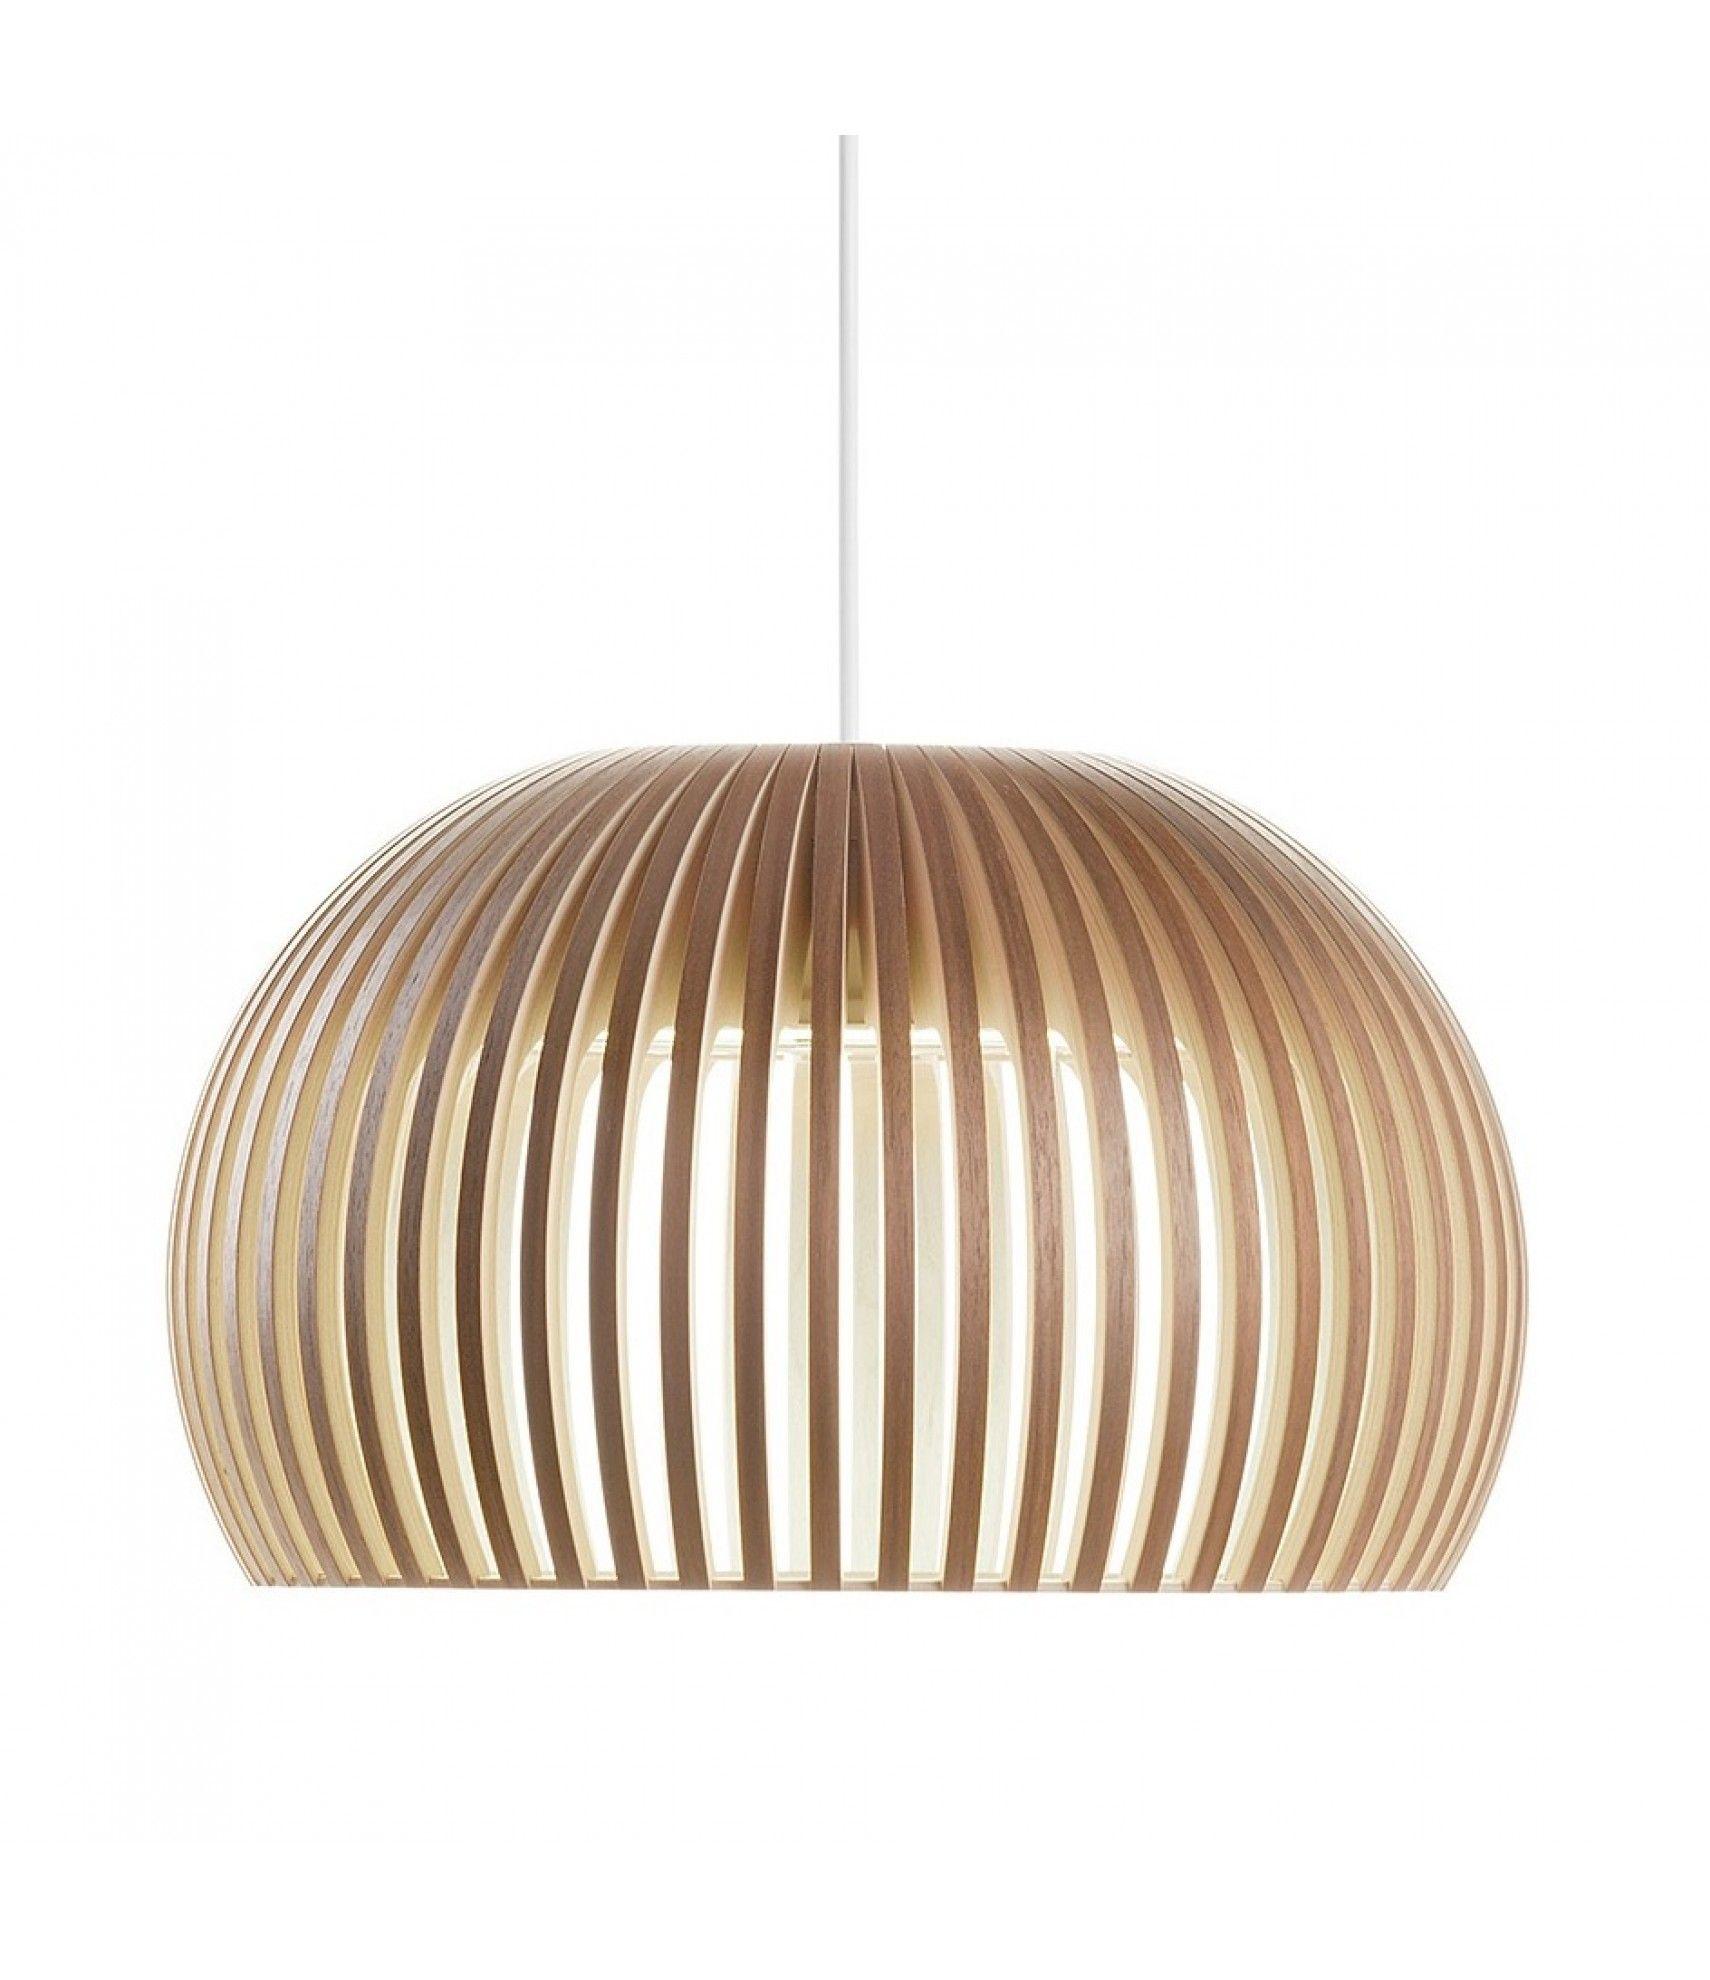 replica wood atto 5000 pendant lamp premium version for my home pinterest atto pendant. Black Bedroom Furniture Sets. Home Design Ideas